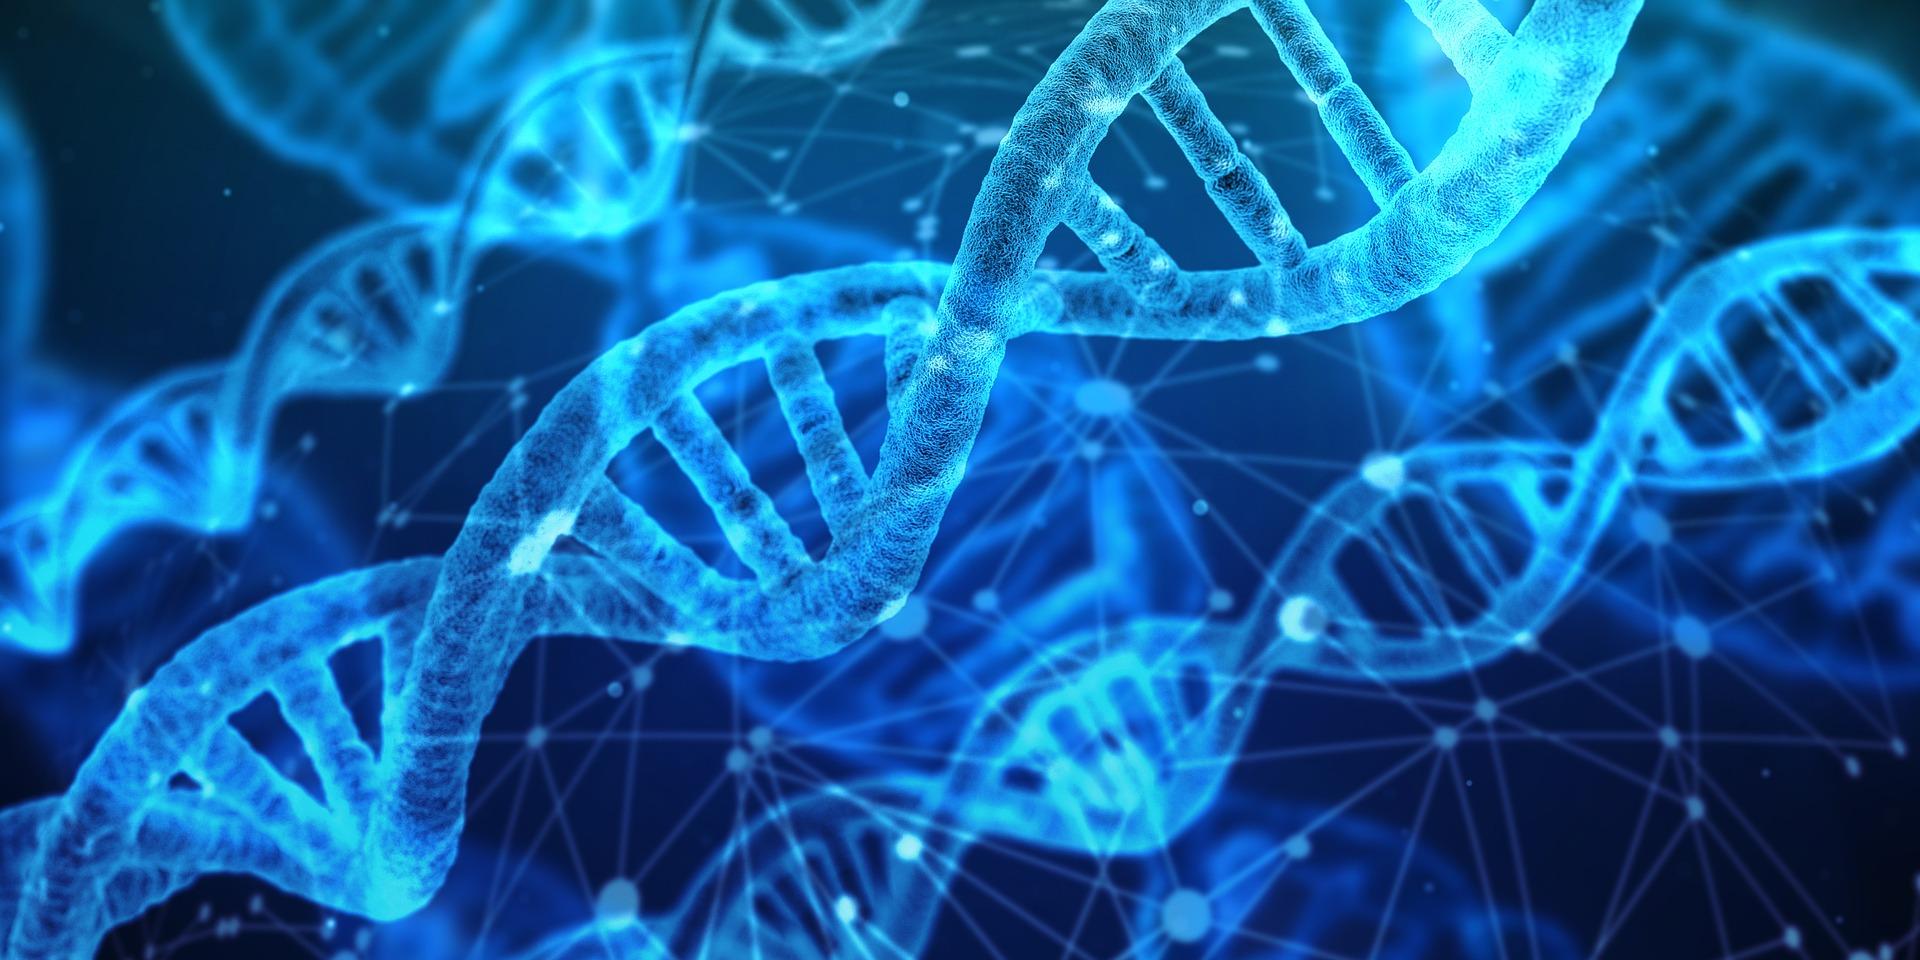 Pruebas genéticas: detectar y prevenir enfermedades a través del ADN